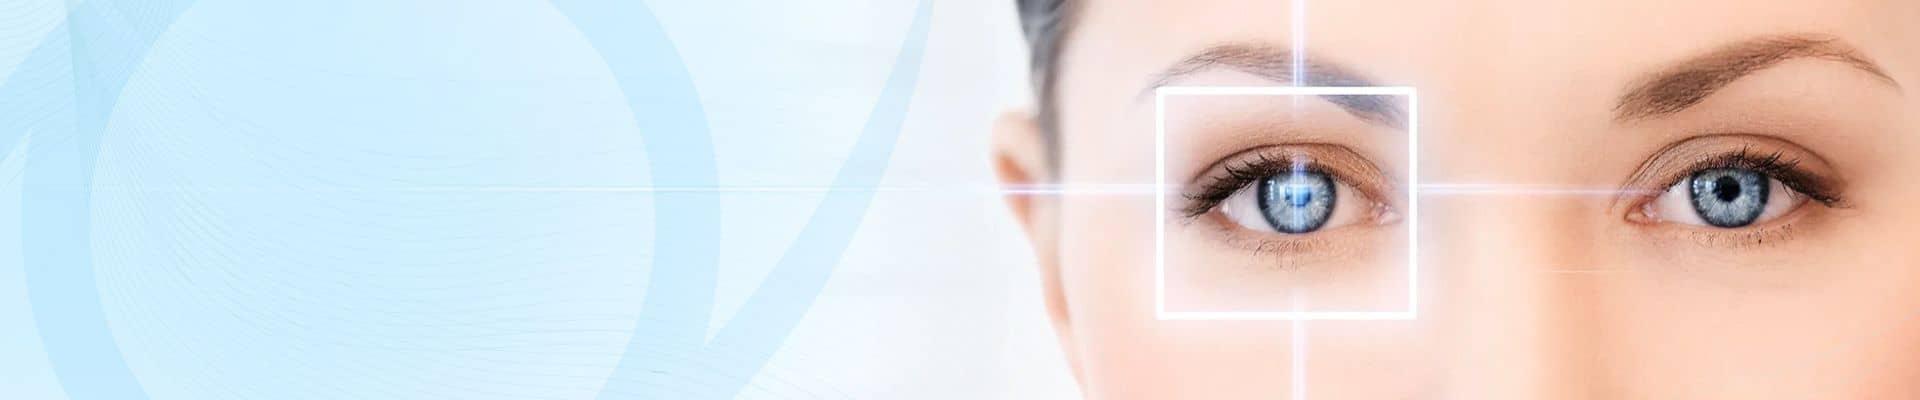 mű látás műtét